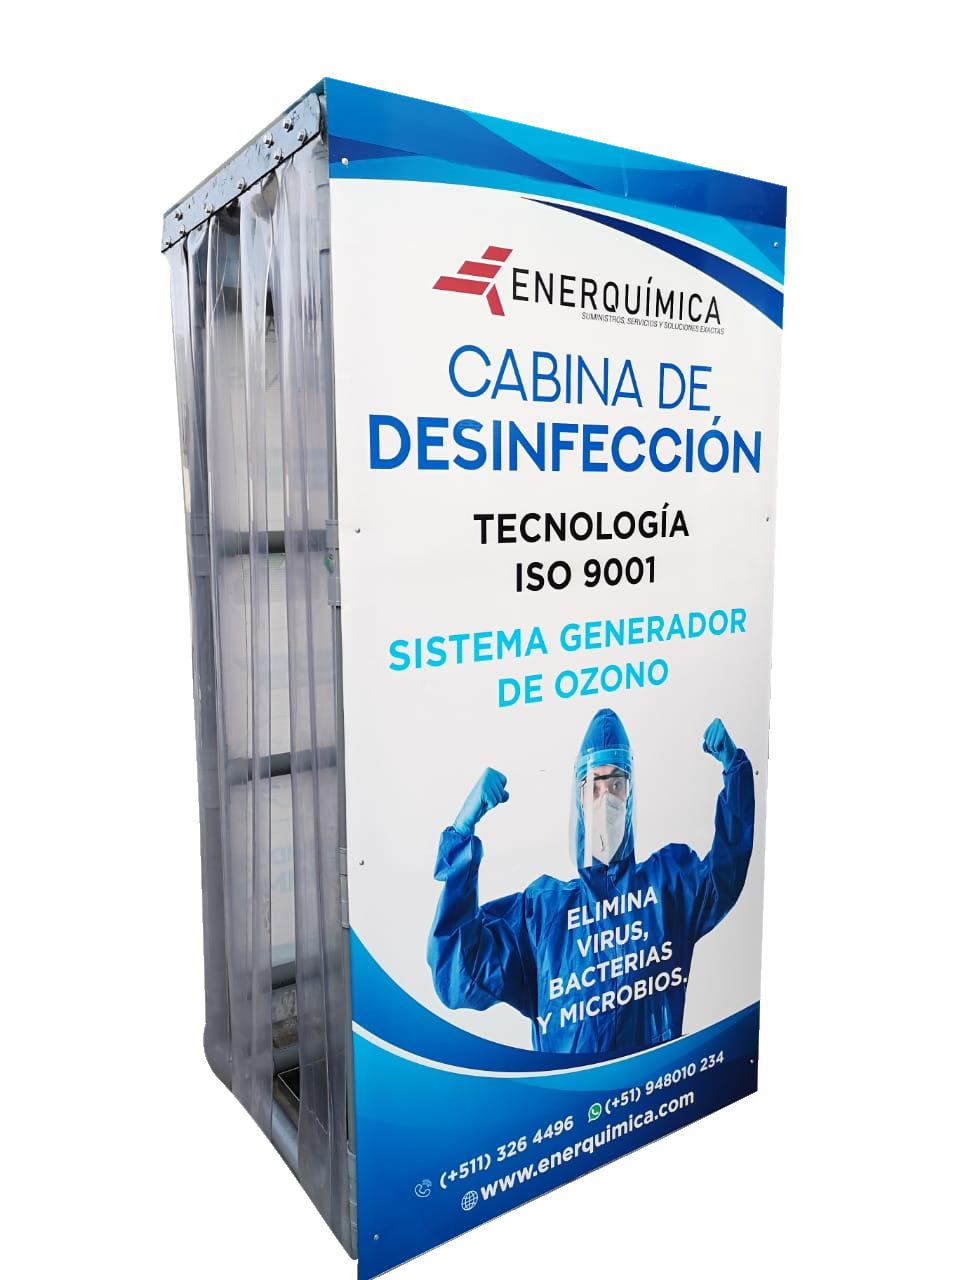 cabina de desinfeccion - Portada